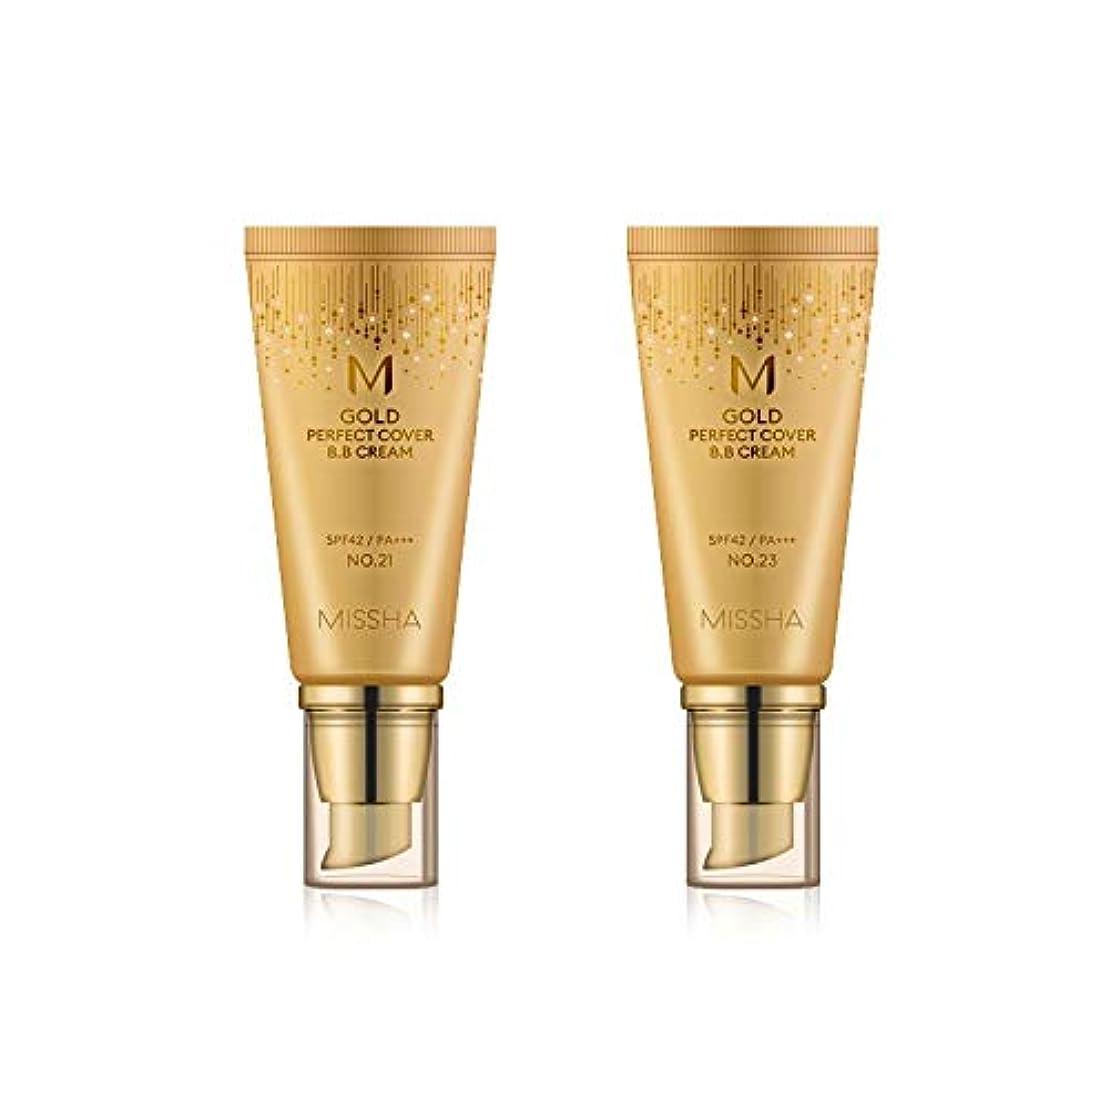 接続詞交流するクリップMISSHA Gold Perfecte Cover BB Cream SPF42 PA+++ / ミシャ ゴールド パーフェクト カバー BBクリーム 50ml *NO.23 [並行輸入品]